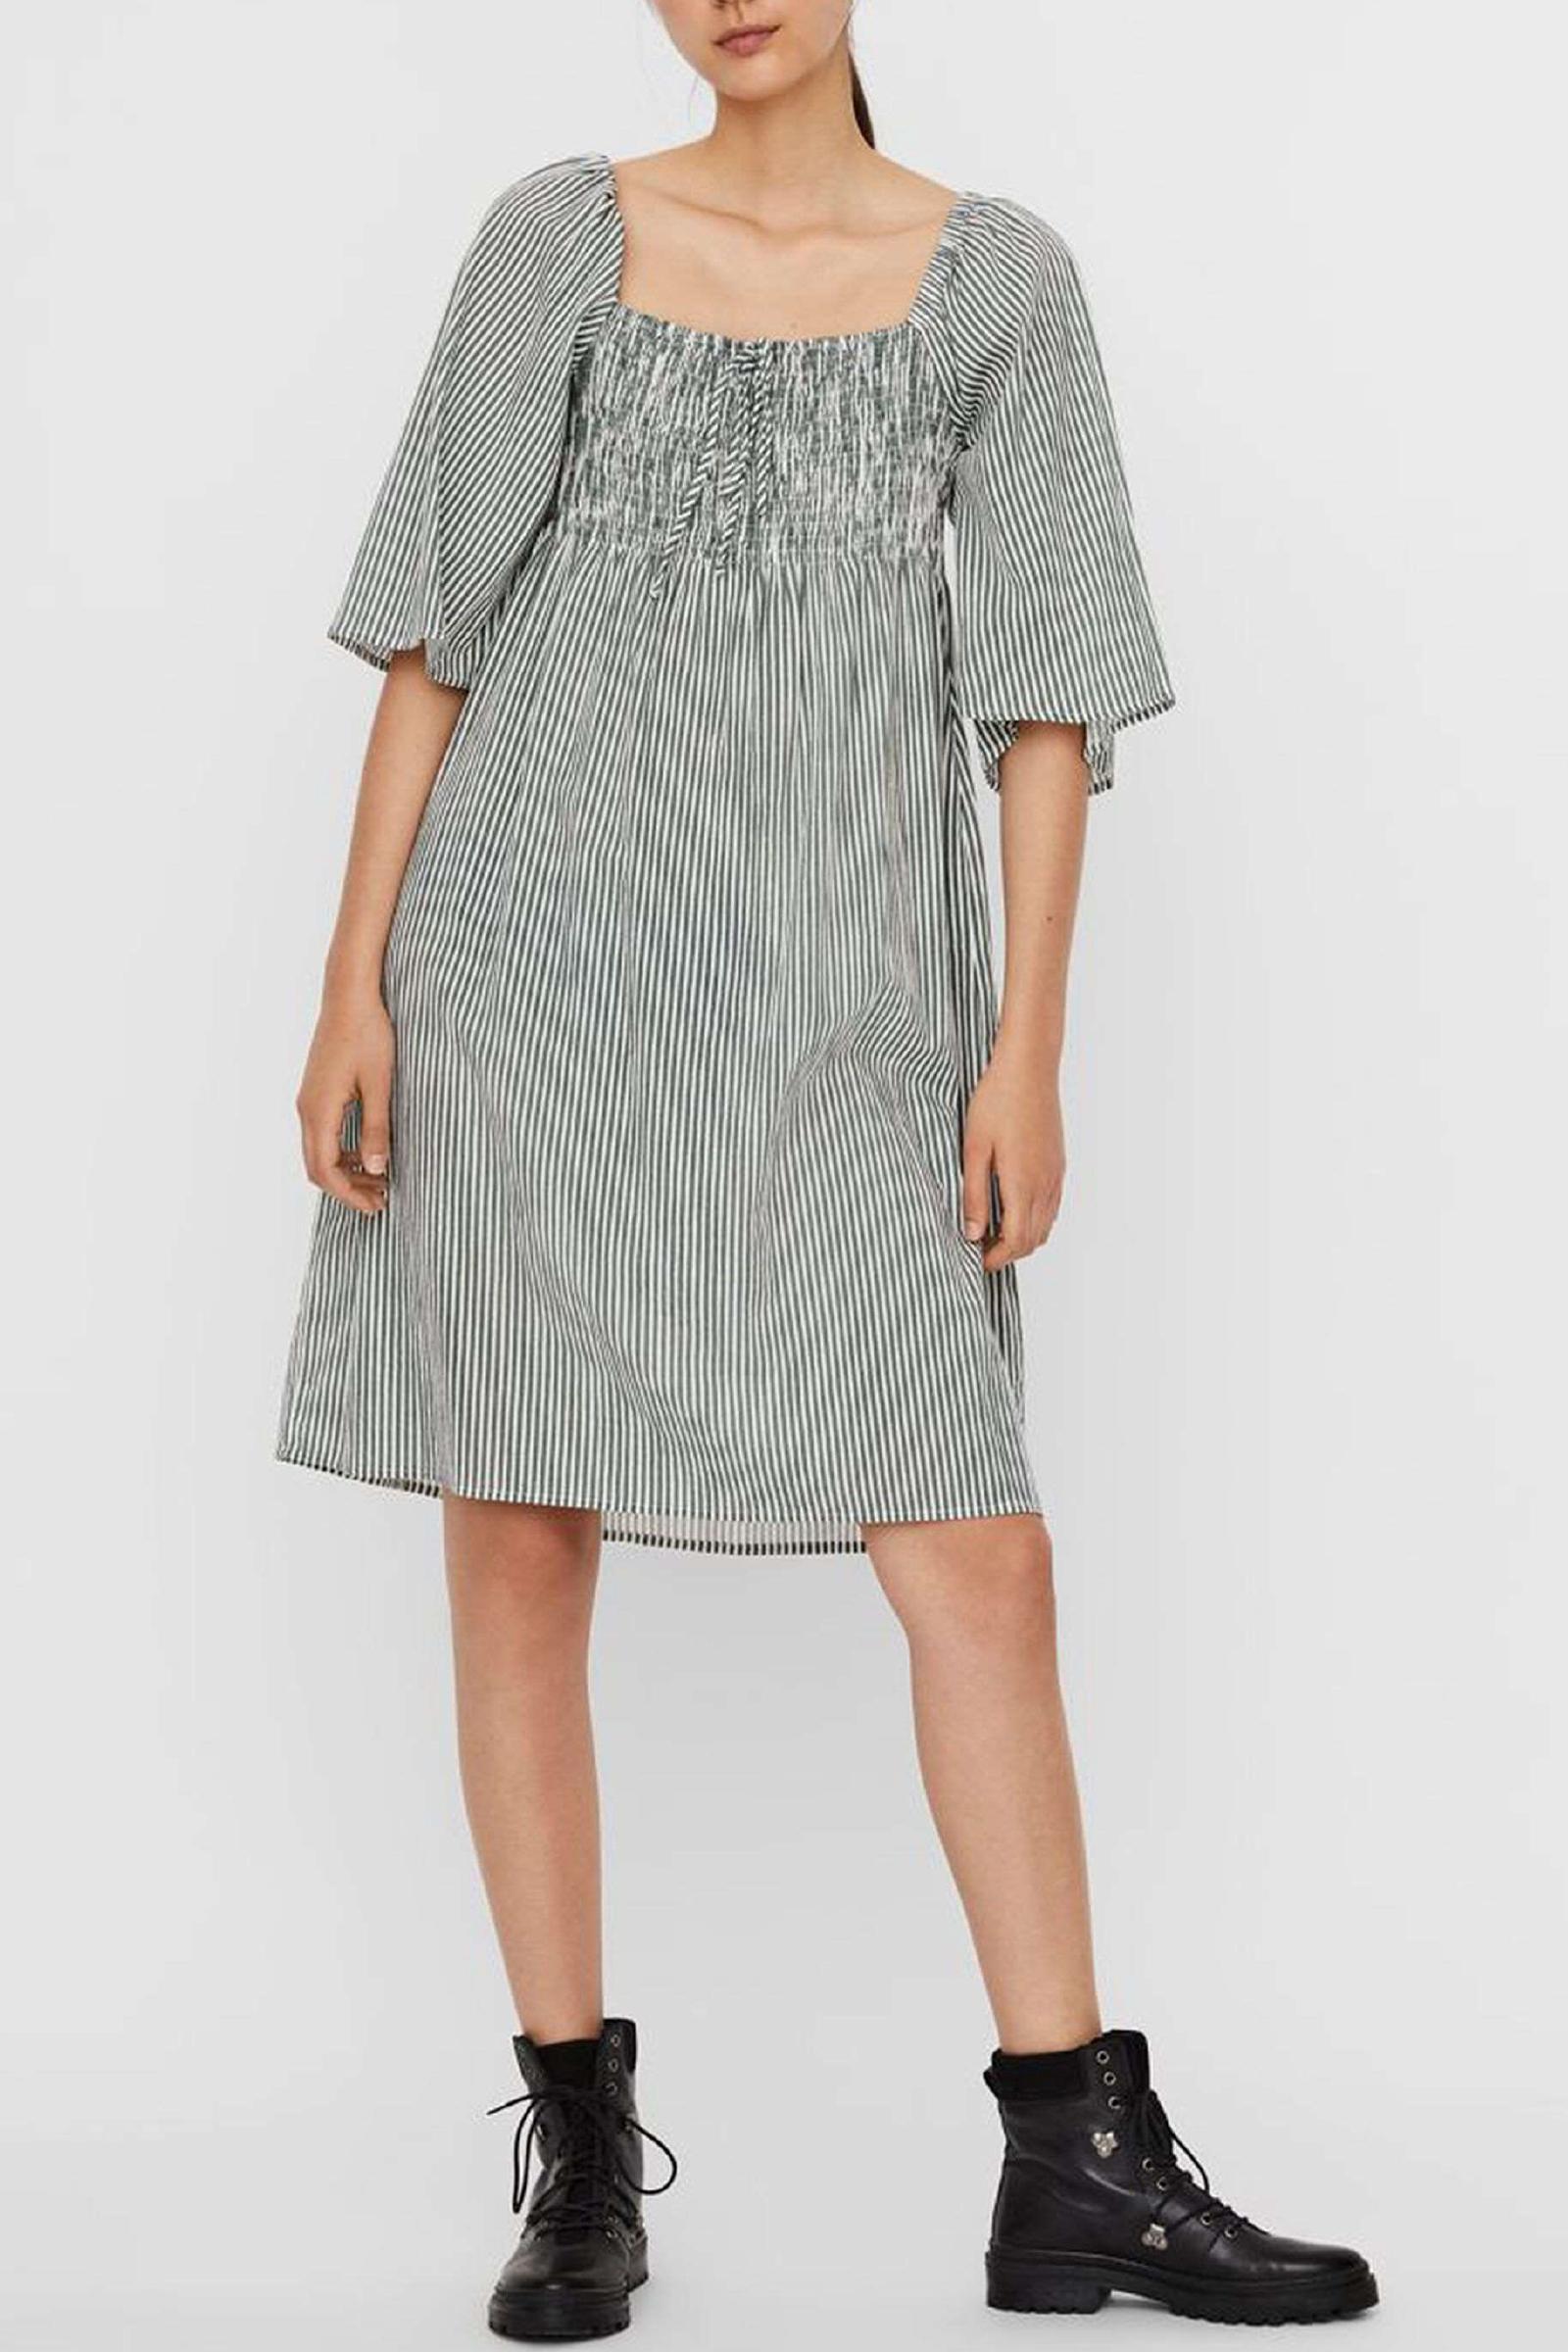 VERO MODA Woman Dress VERO MODA |  | 10243695AOP-GRAPHIC